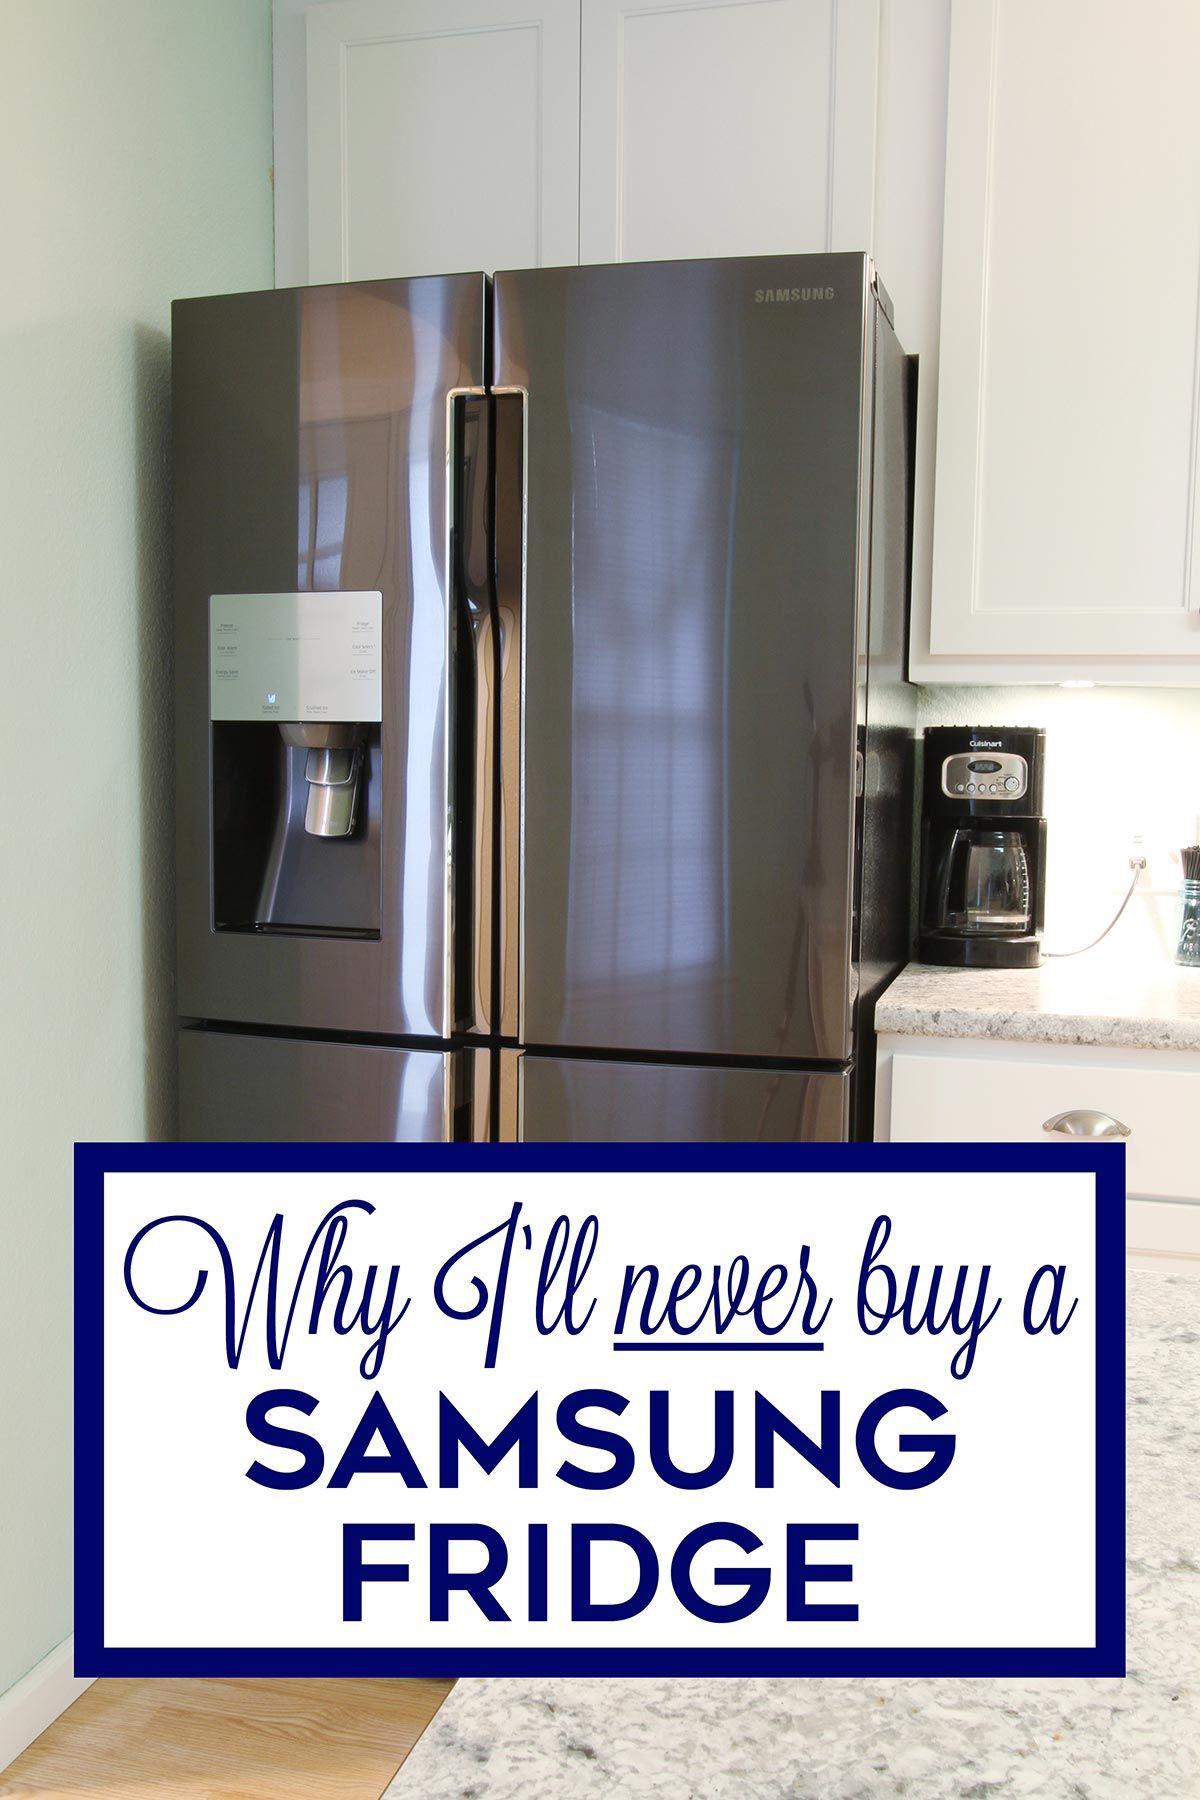 Samsung 4 Door Fridge An Honest Overview Review In 2020 Samsung Fridge Fridge Diy Bloggers